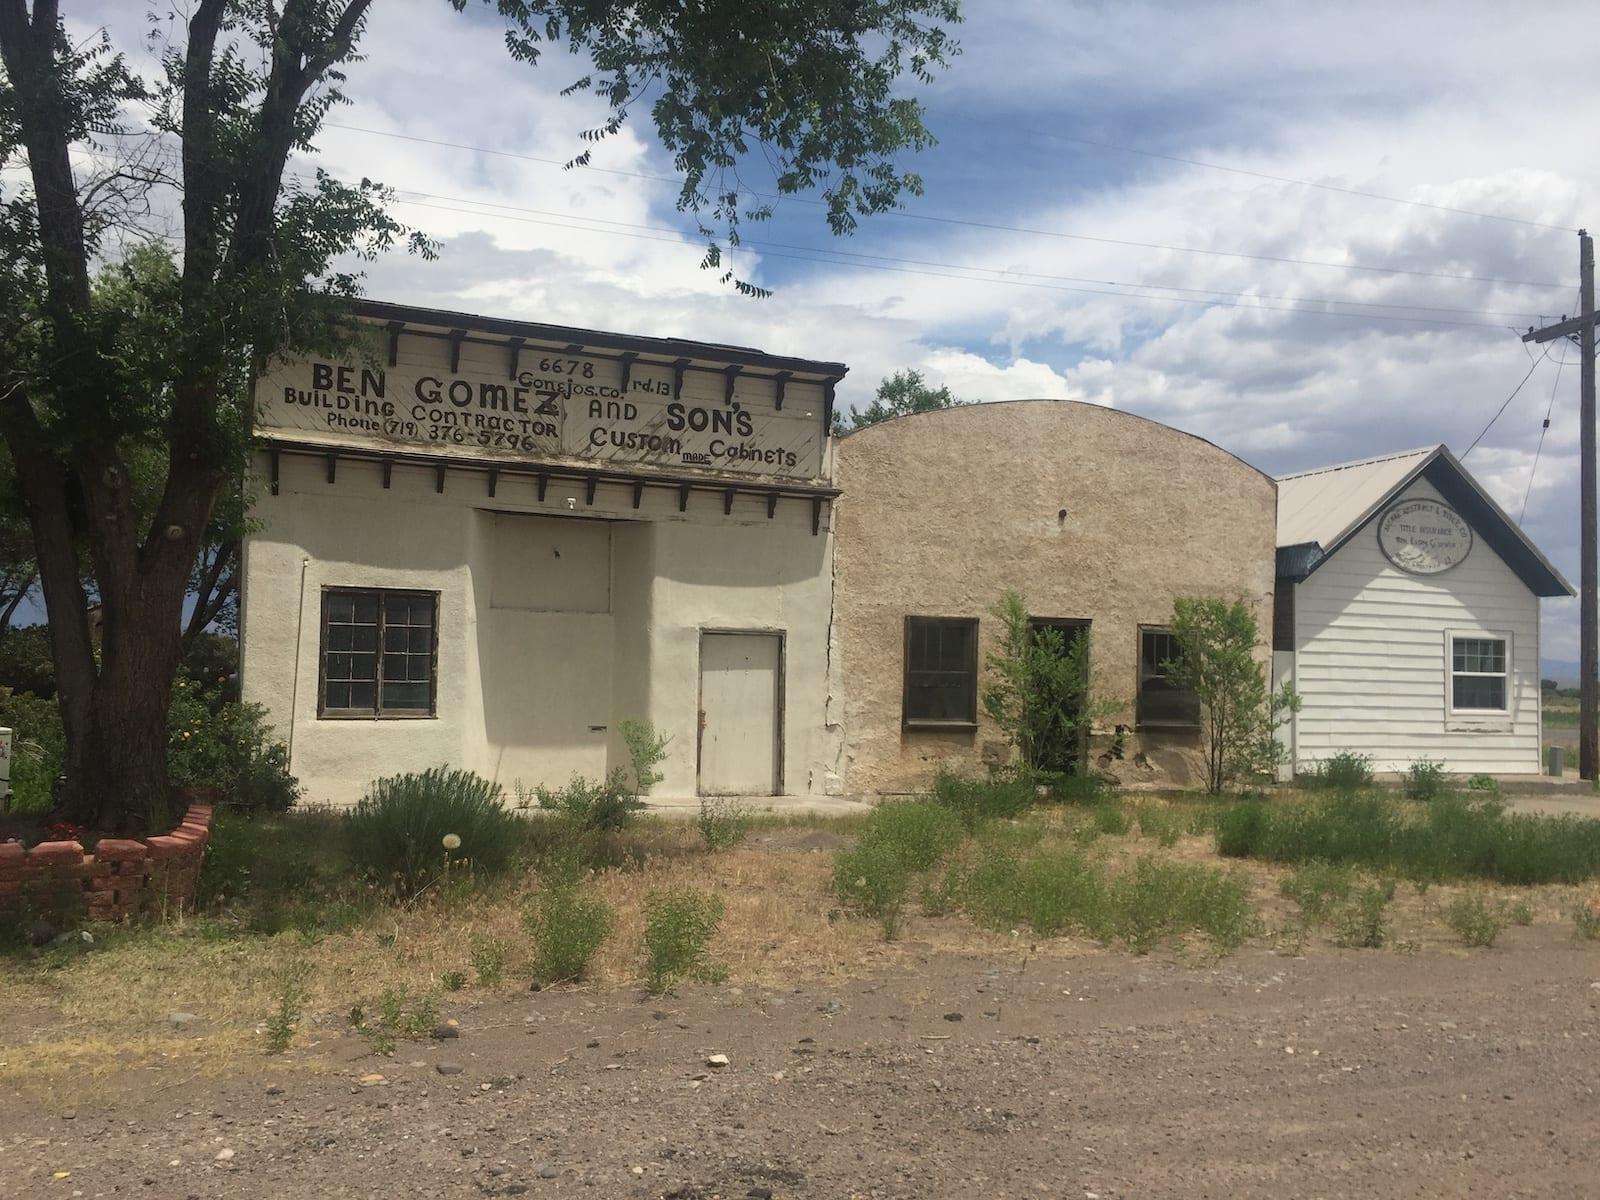 Conejos Colorado Historic Buildings